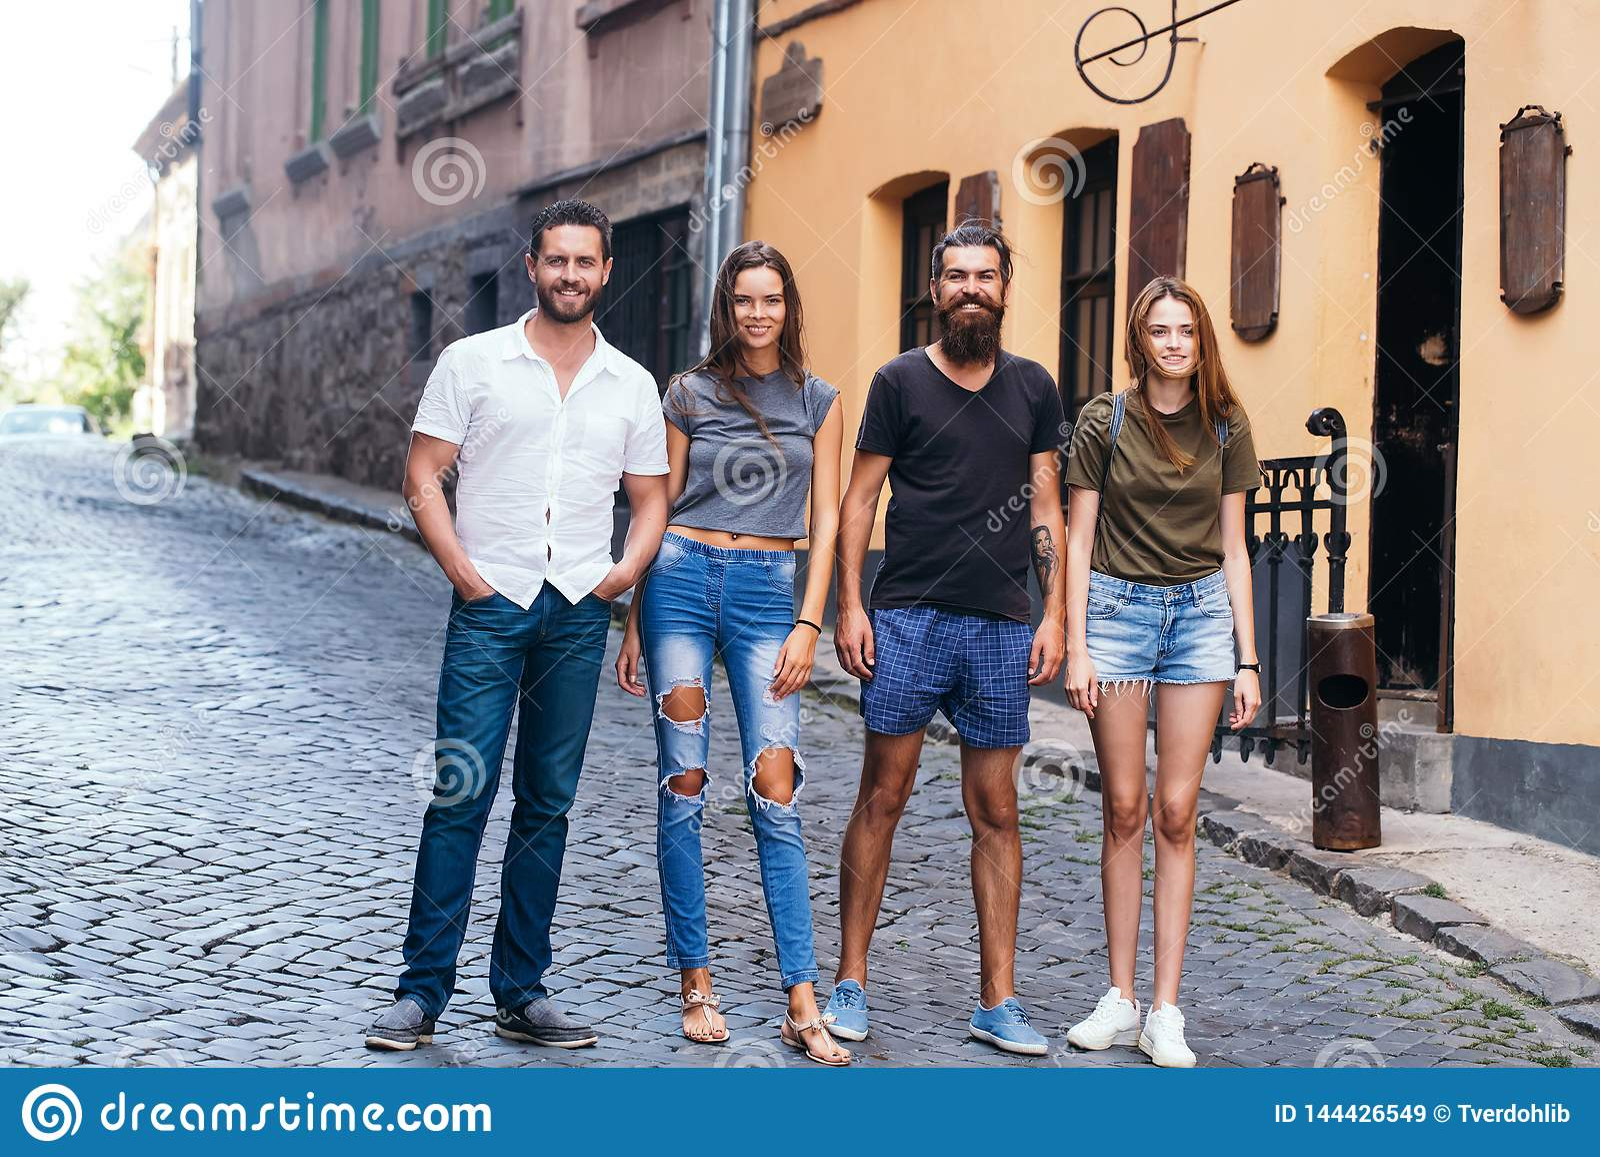 Οι φίλοι χαμογελούν στην οδό πόλεων, αστικό ύφος